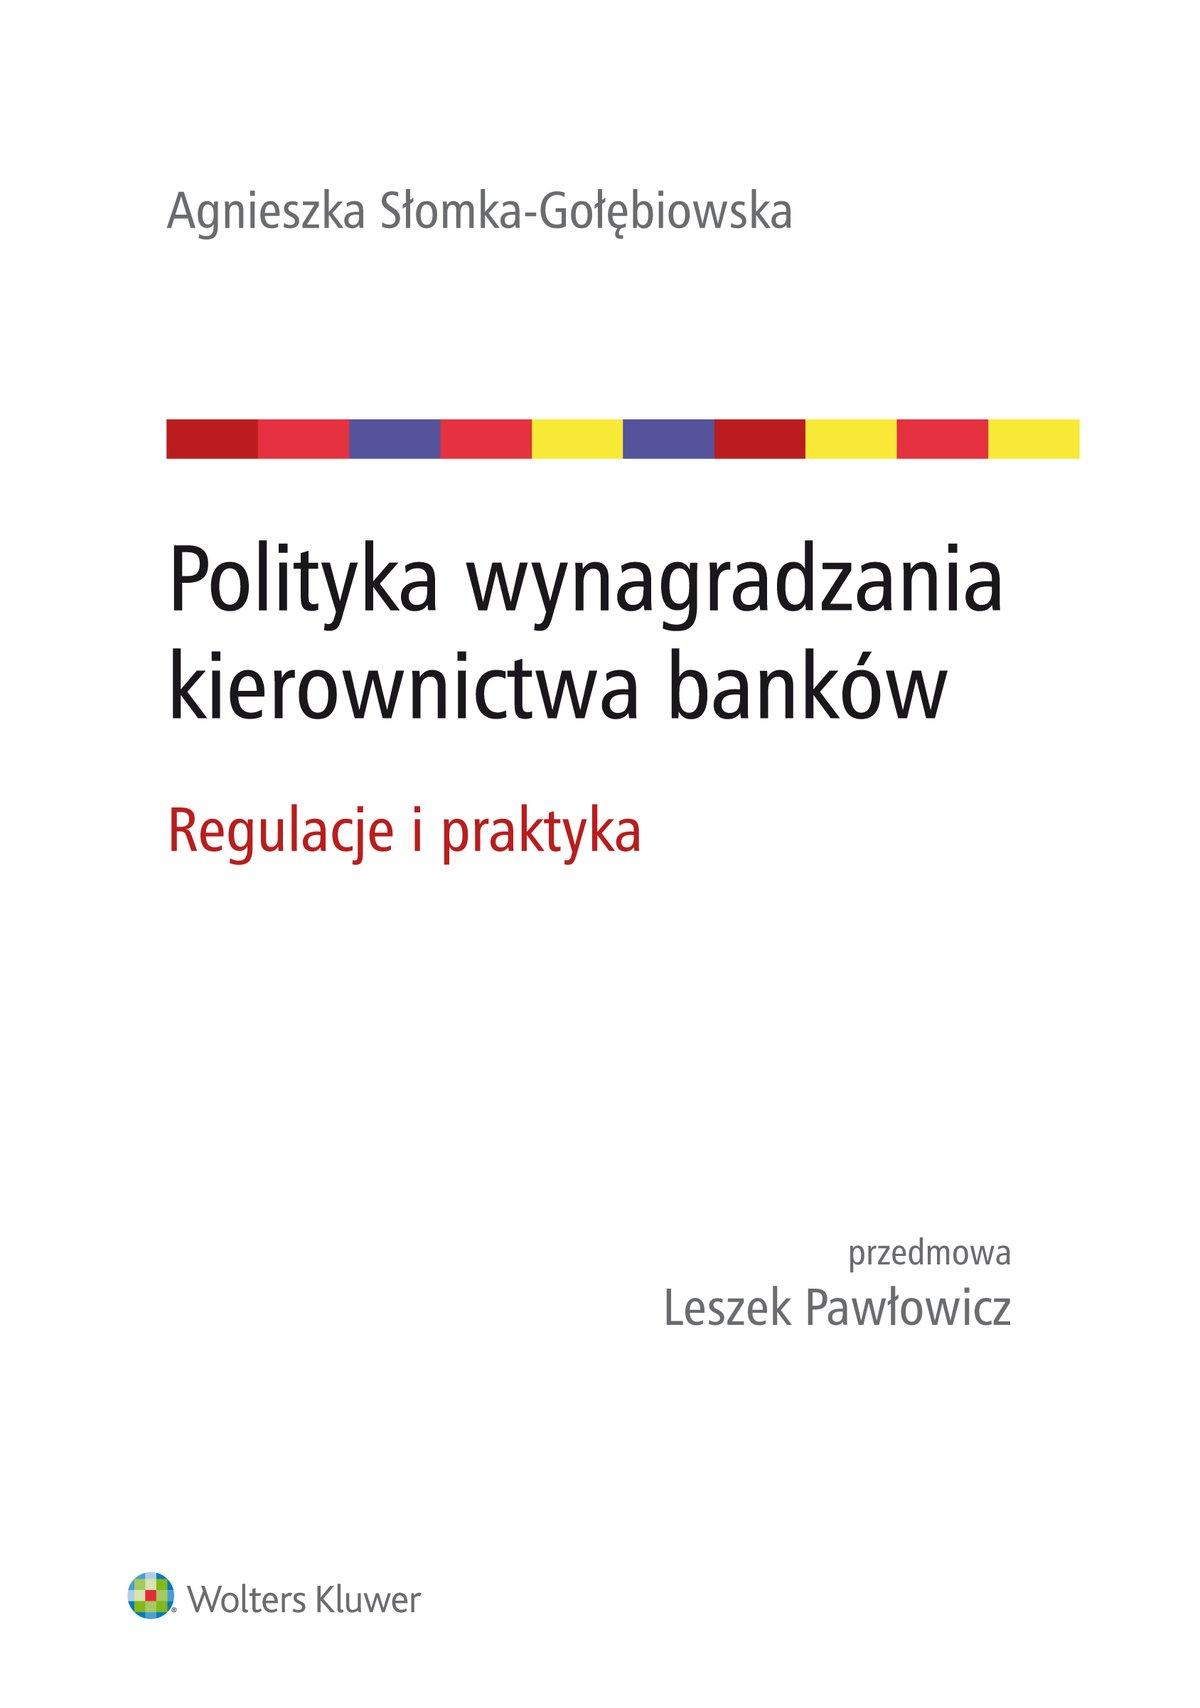 Polityka wynagradzania kierownictwa banków. Regulacje i praktyka - Ebook (Książka EPUB) do pobrania w formacie EPUB